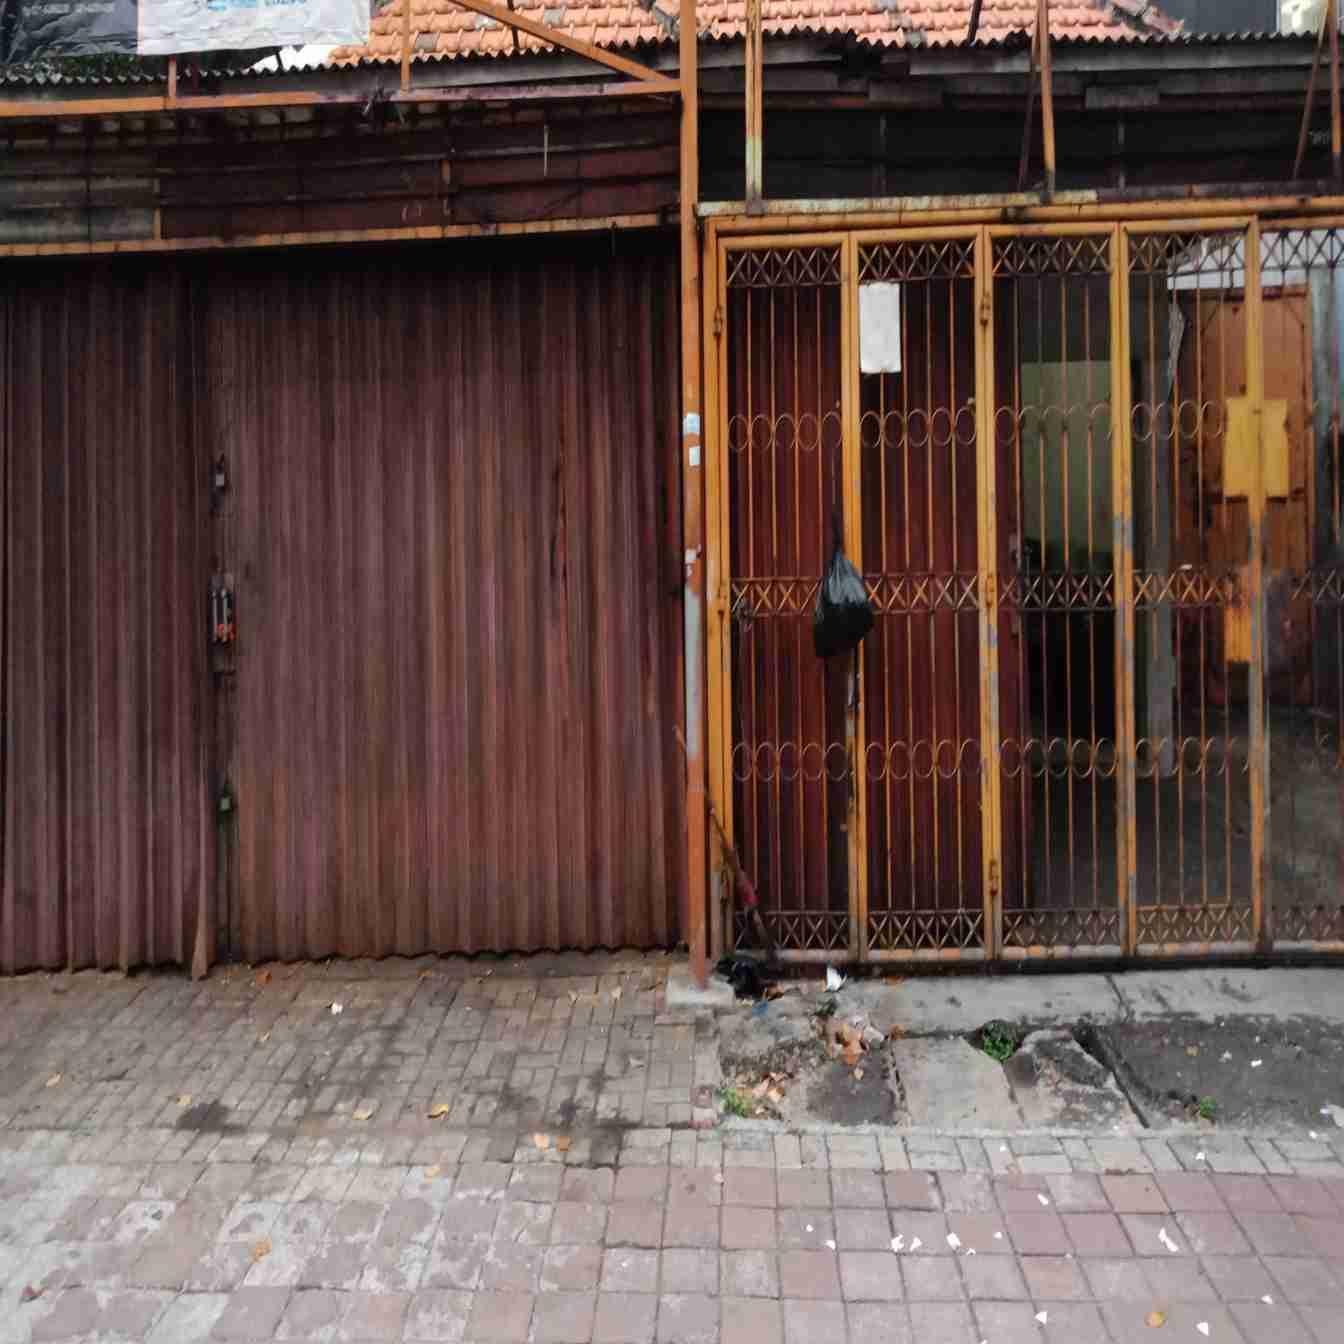 Di Sewakan Bangunan Komersil (Jalan Taman Sari Raya Jakarta Barat / Depan Stasiun Mangga Besar).